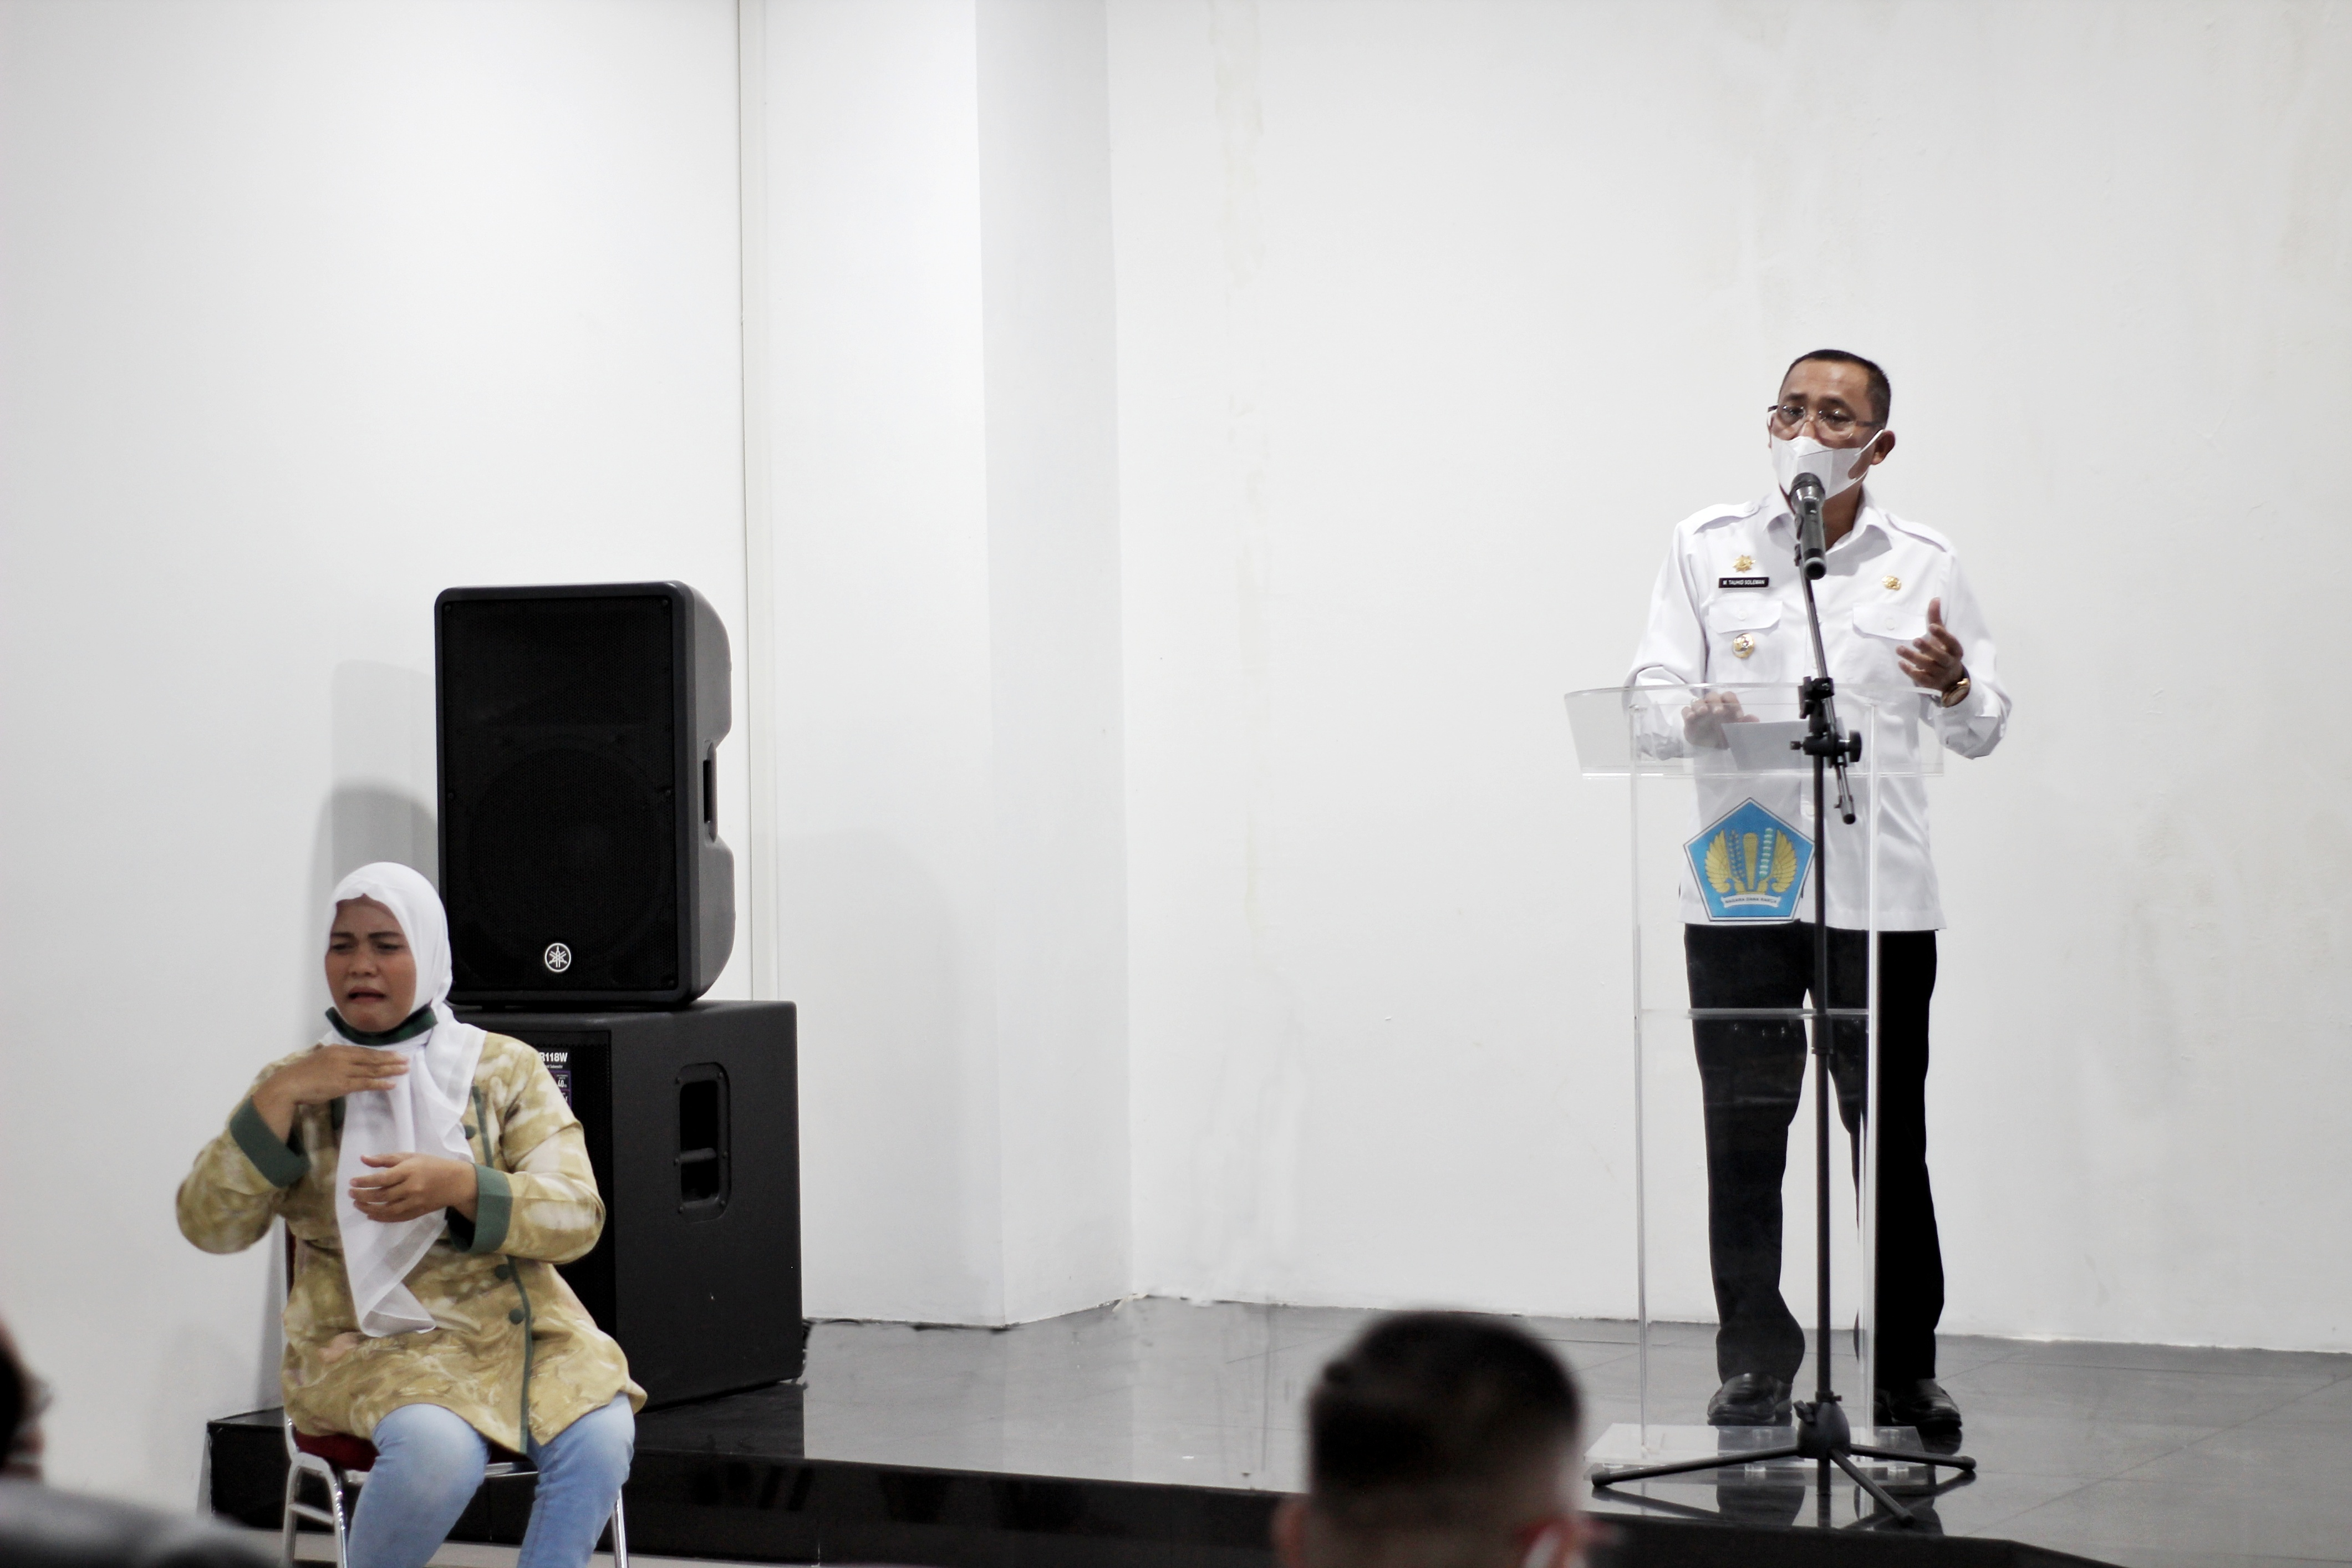 Kolaborasi Wujudkan Ternate Kota Inklusif, Wali Kota Ternate Buka Pelatihan Bahasa Isyarat di KPKNL Ternate